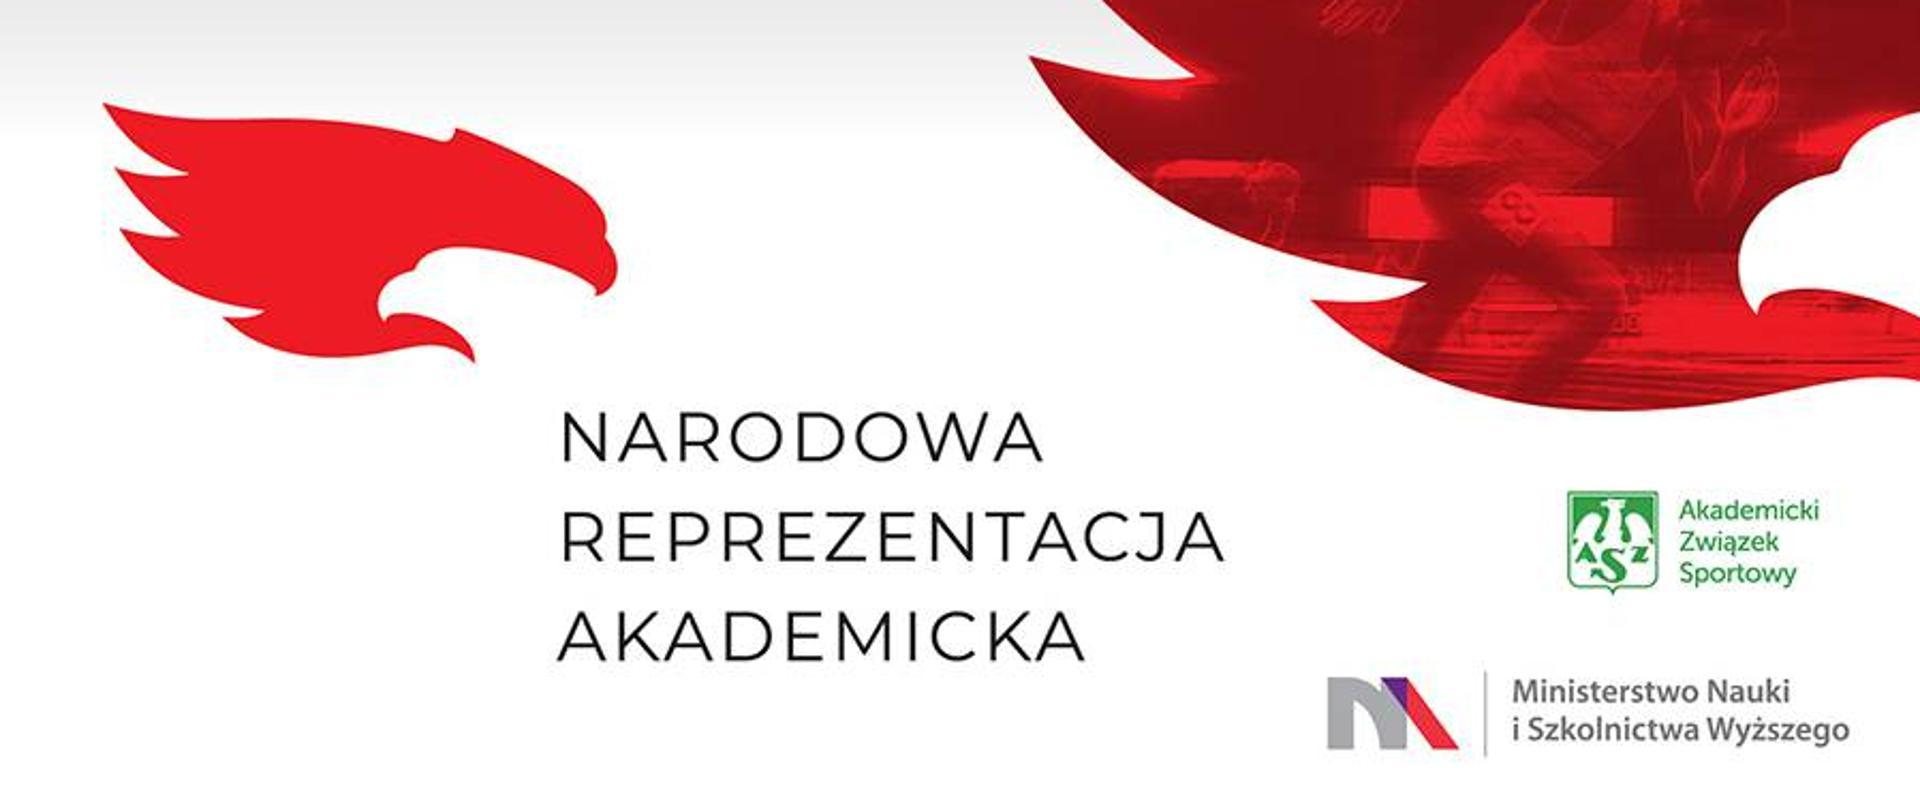 logo Narodowa Reprezentacja Akademicka